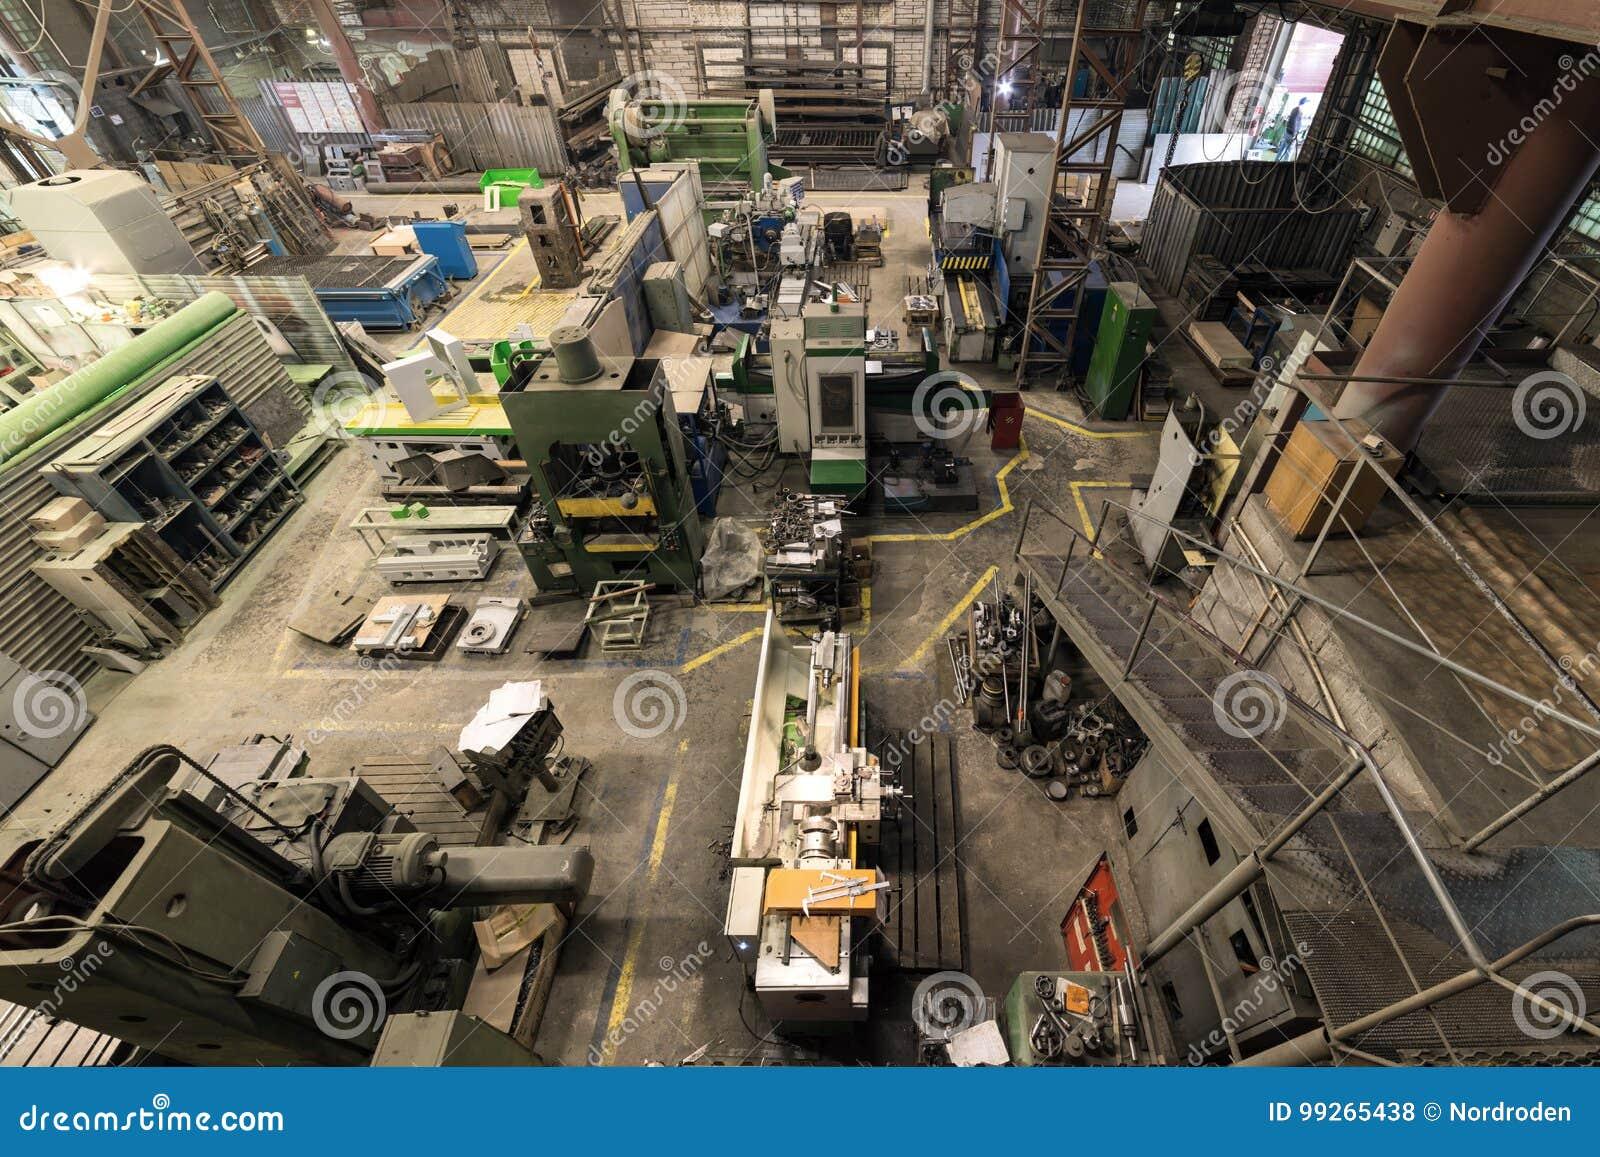 Metaalbewerkende winkel Draaibanken en molens, lassen en snijmachines